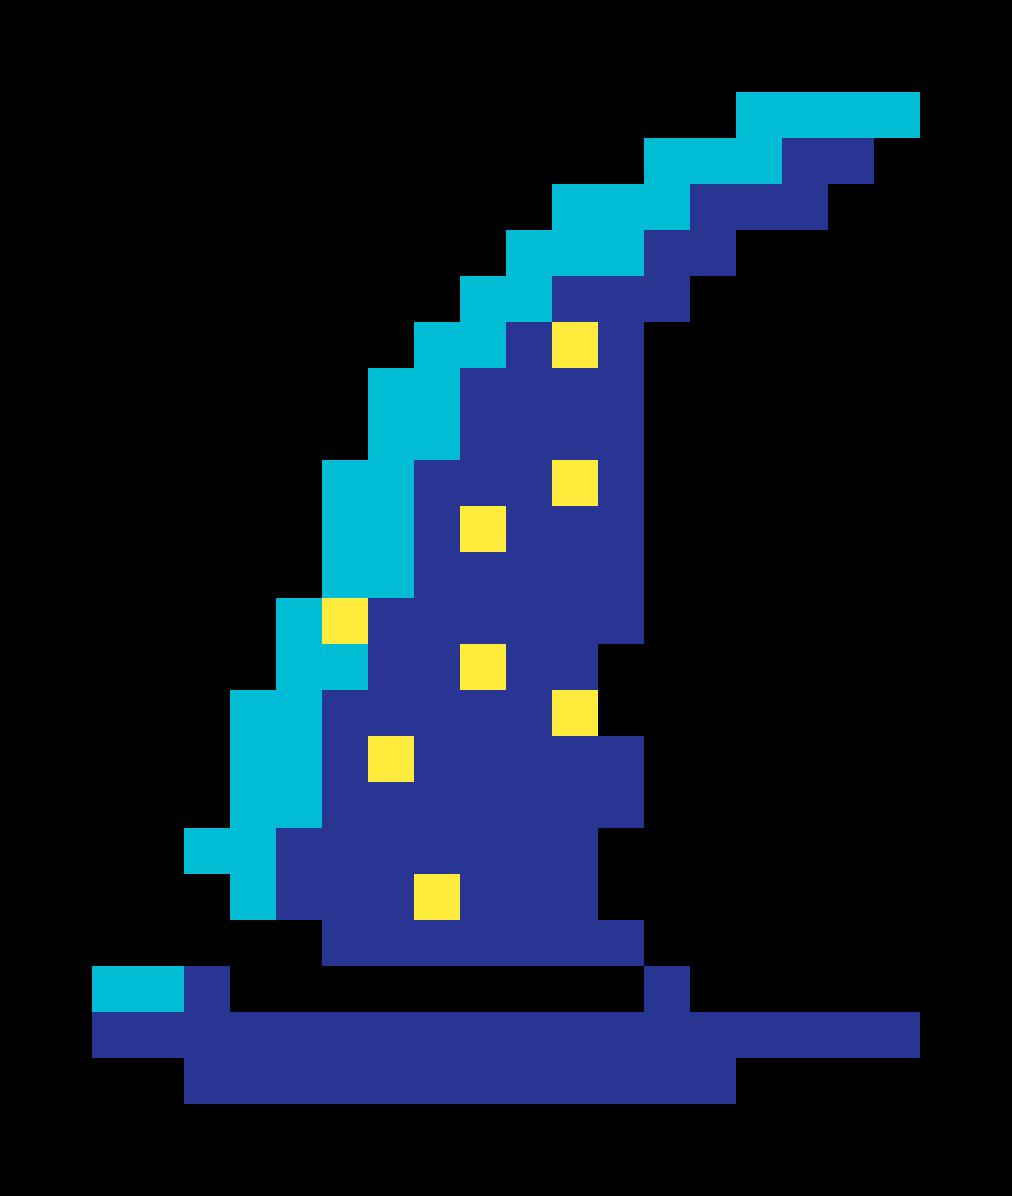 Sorcerer's Hat by JbezoarJr